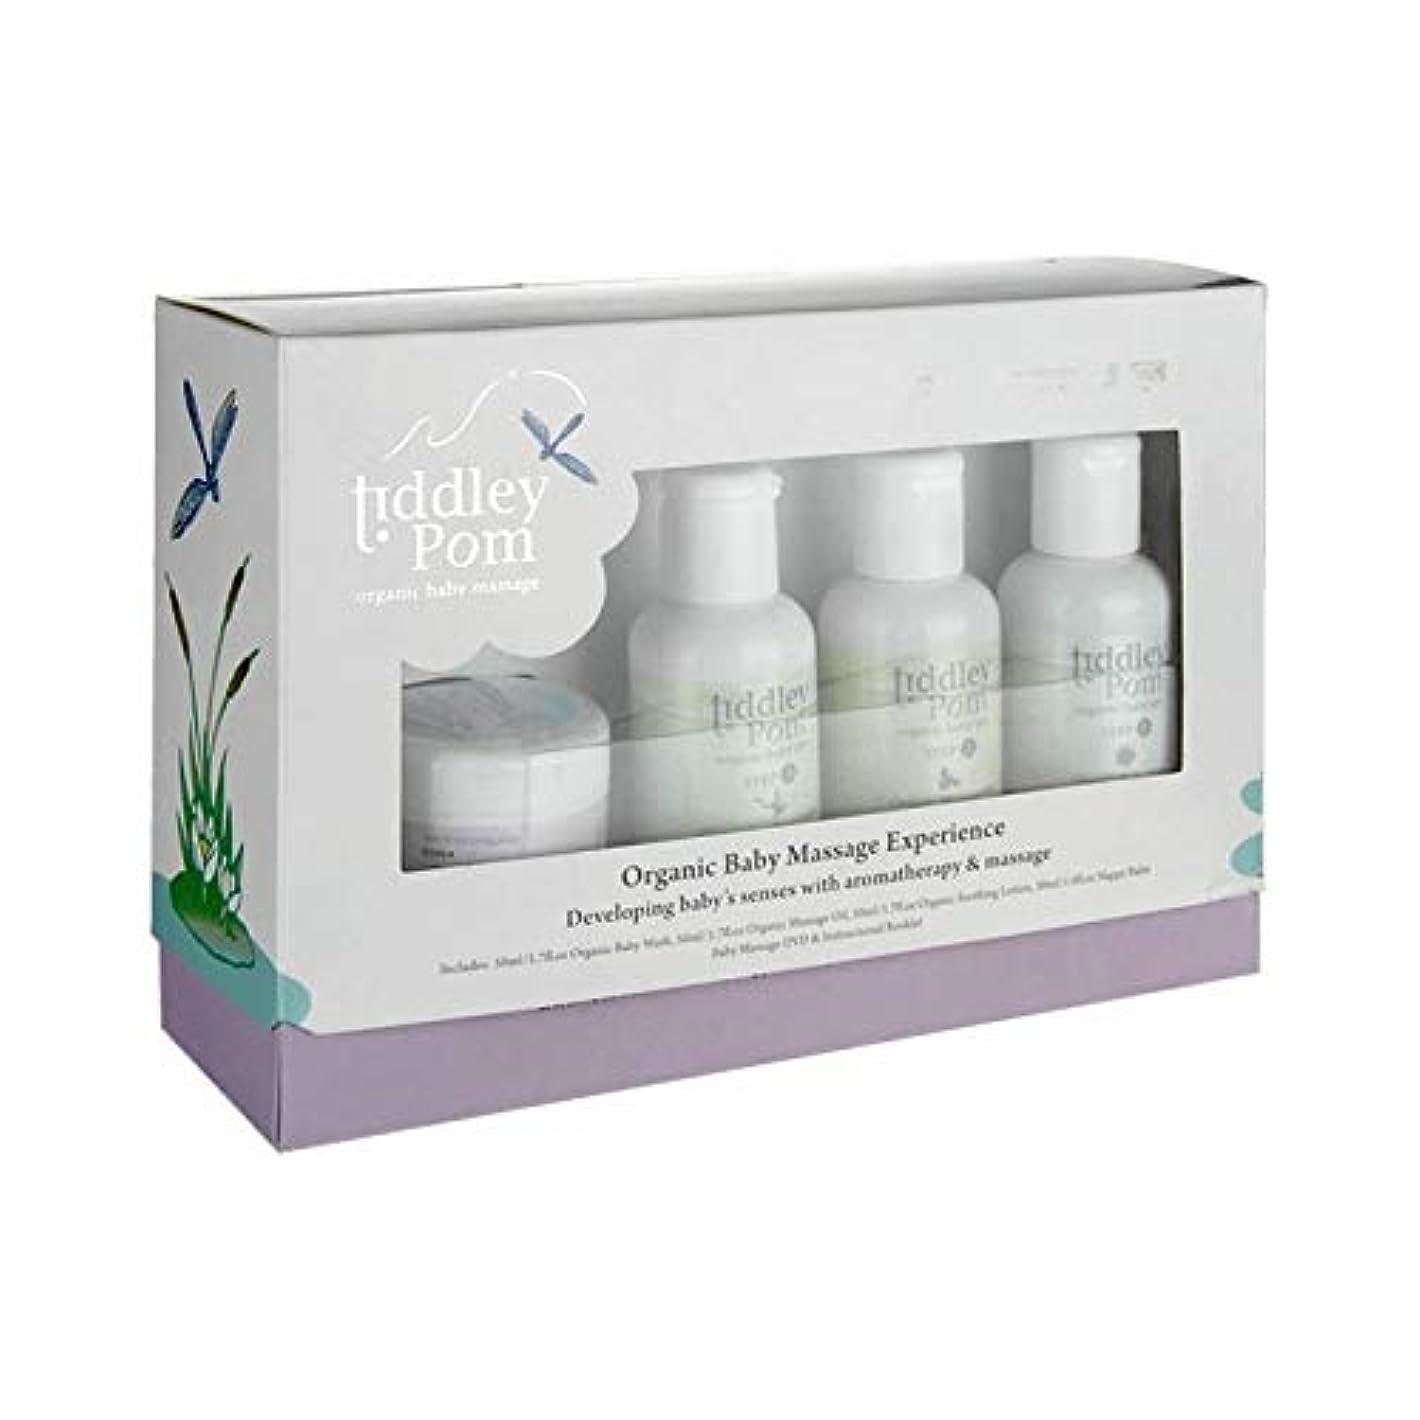 生命体篭離れた[Tiddley Pom] Tiddleyポンポン有機ベビーマッサージのギフトセット - Tiddley Pom Organic Baby Massage Gift set [並行輸入品]